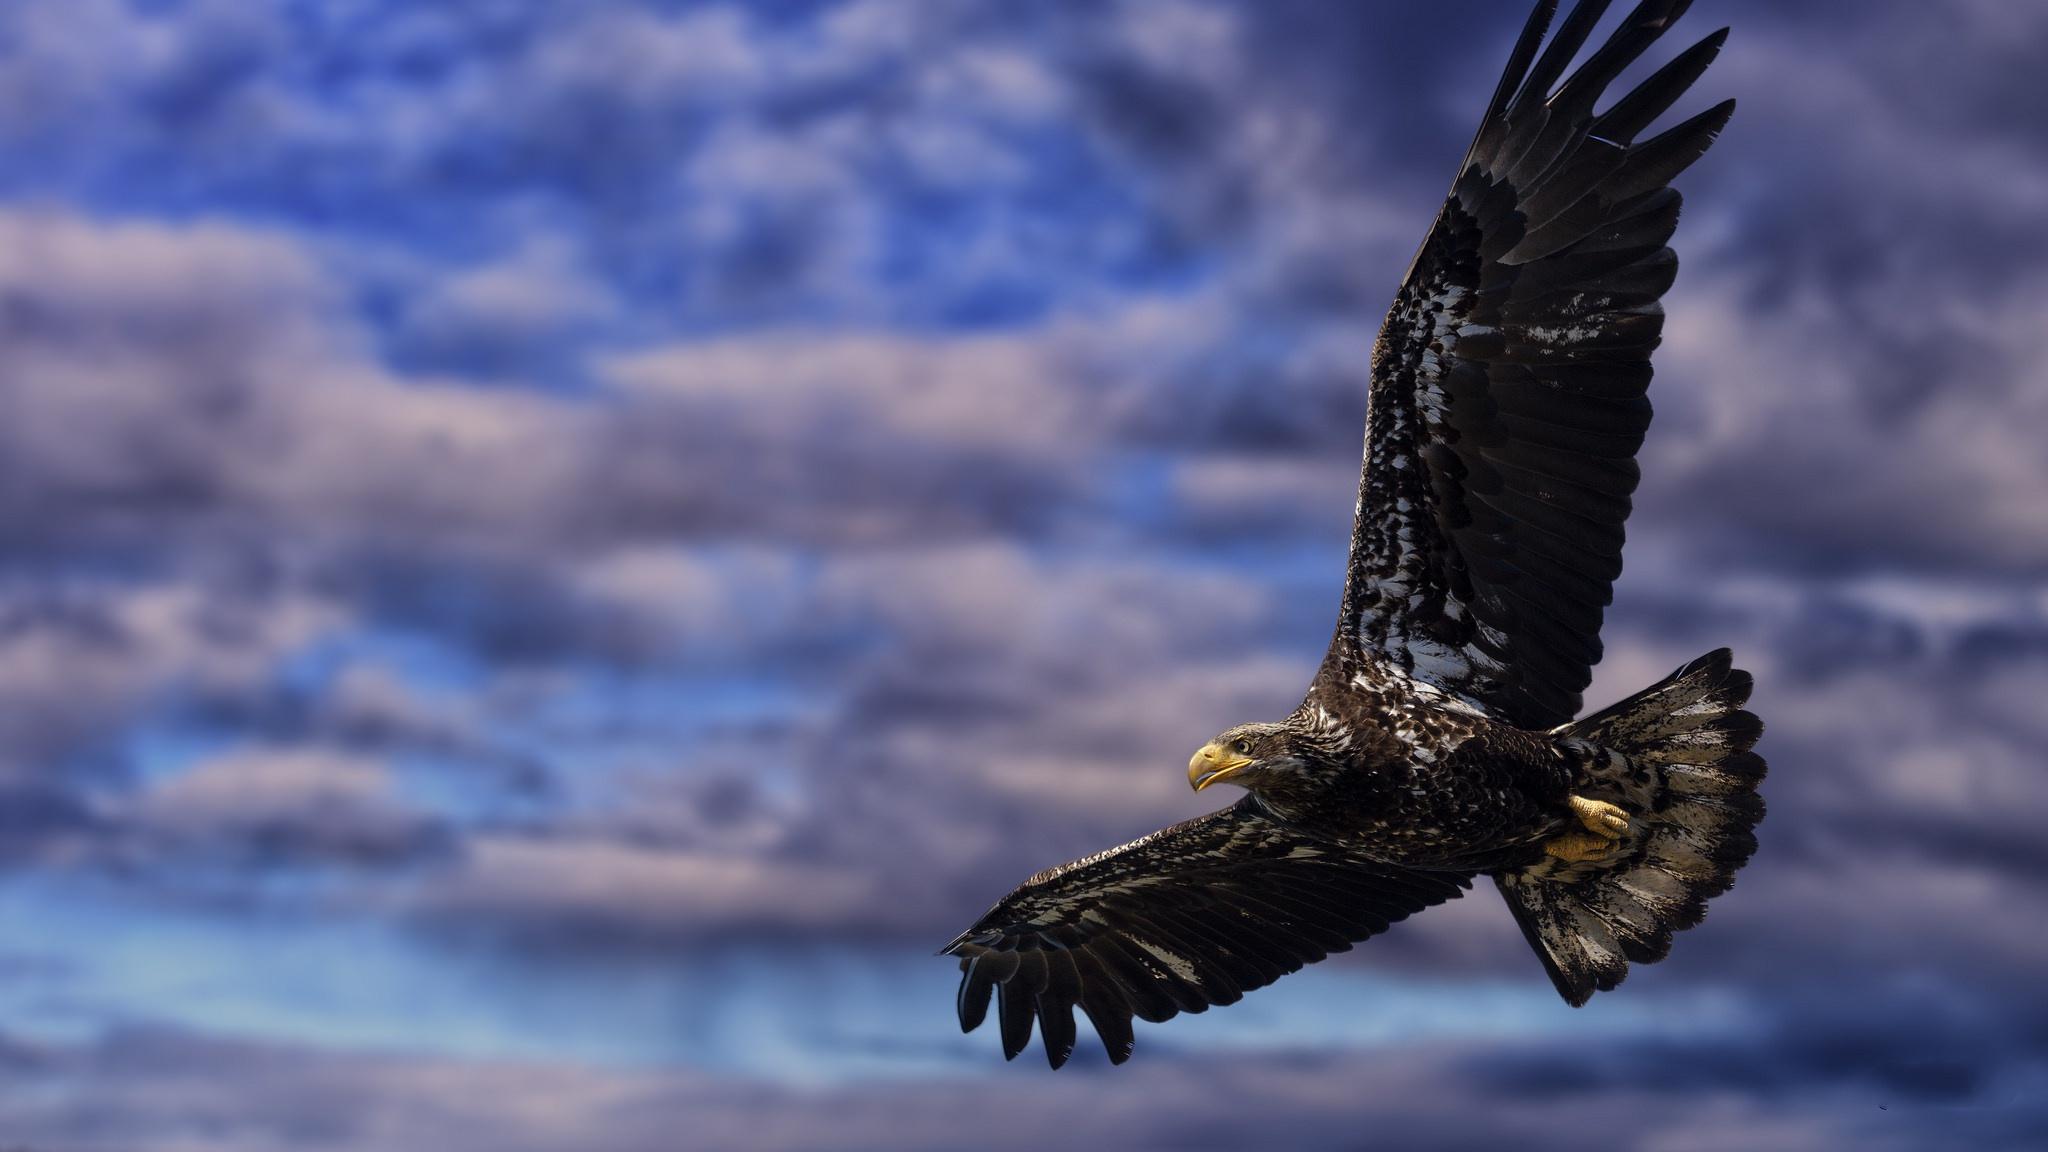 животных фото и картинки парящего орла стекло это прежде